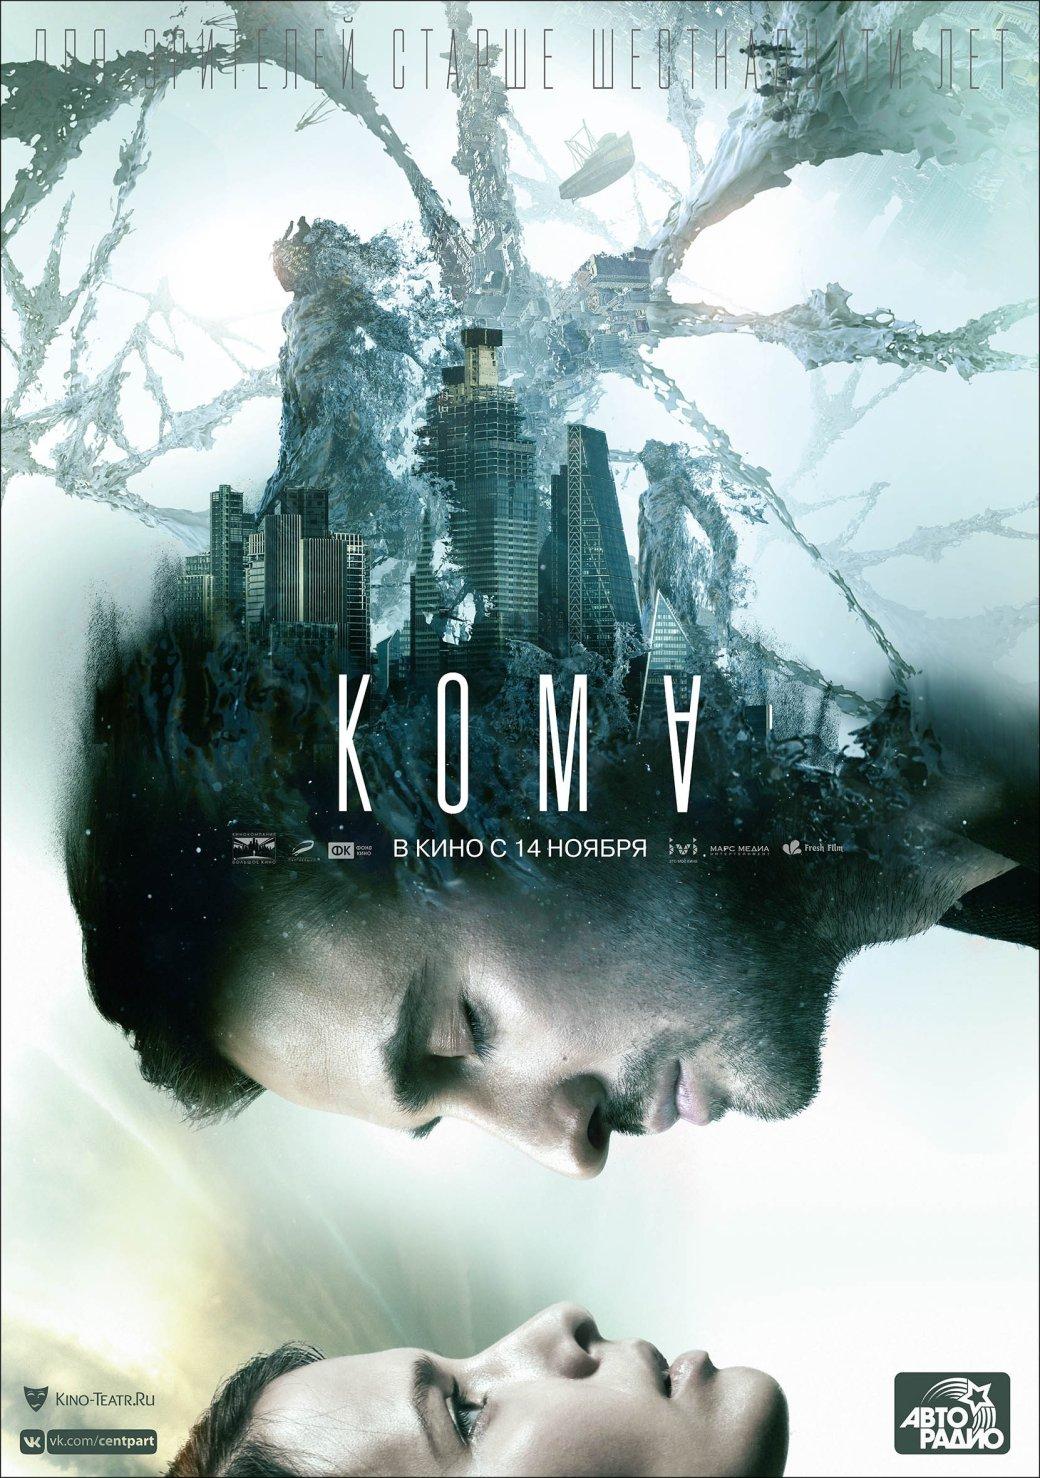 Финальный трейлер фантастического боевика «Кома» от продюсера Сарика Андреасяна